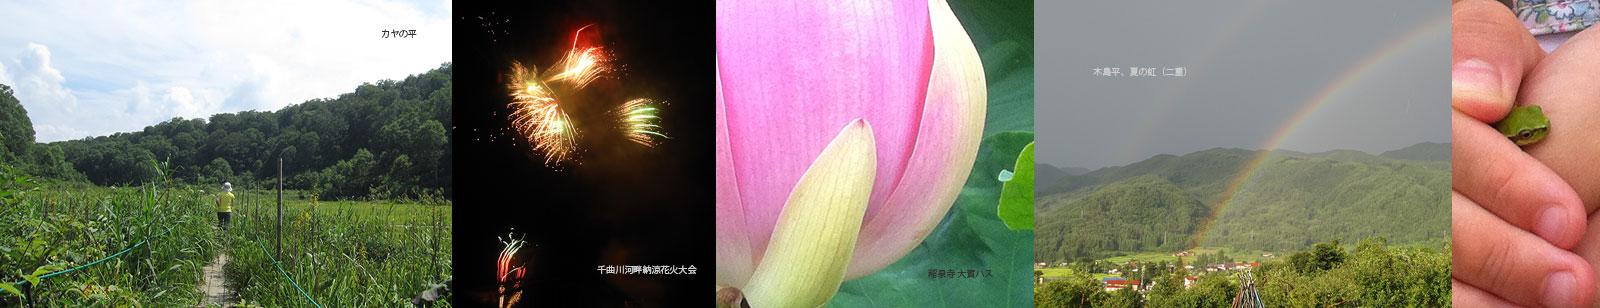 北信(北 信州)であそぼう! 長野県、観光スポット体験サイト